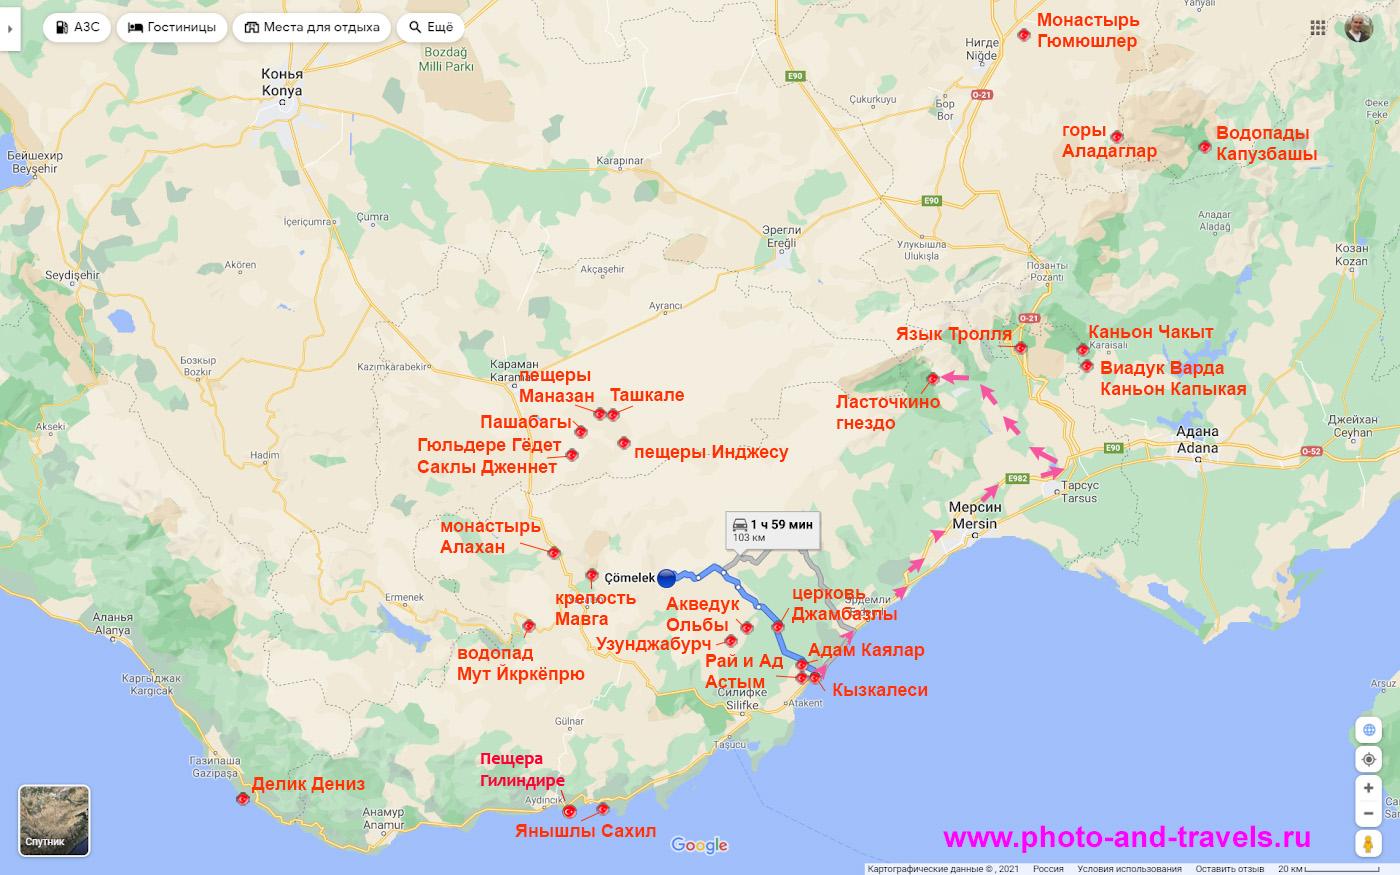 4. Карта с пояснением, как попасть в Чамлыяйла из Кызкалеси или из Мерсина - маршрут показан розовыми стрелками. Синяя линия - дорога в каньон Сасон.